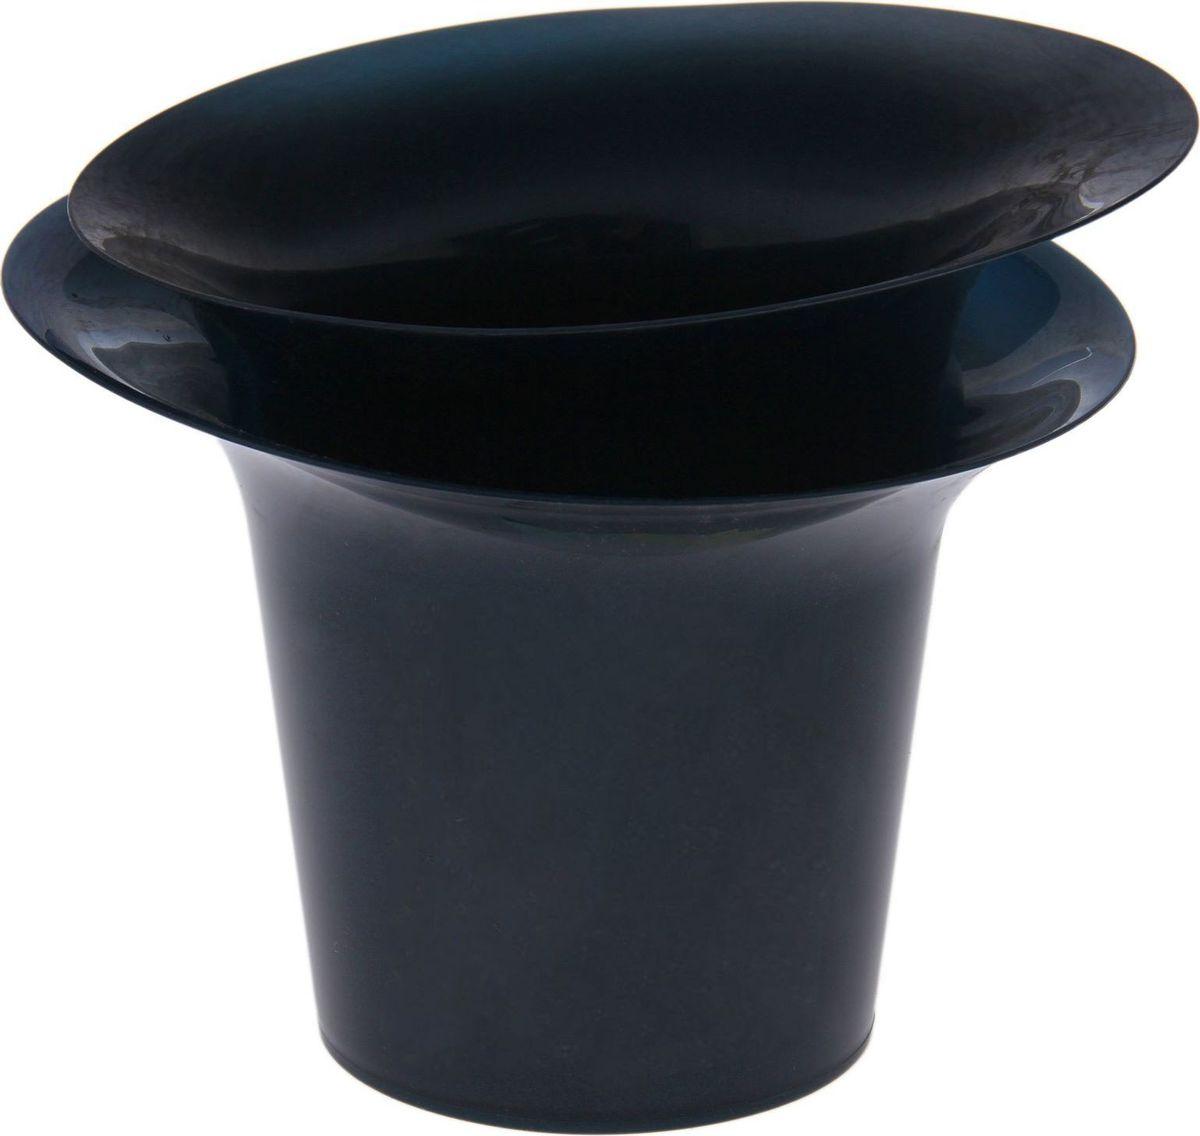 Горшок для цветов Техоснастка Модерн, цвет: синий перламутр, 1 л531-401Цветочный горшок — это не просто ёмкость для выращивания комнатных растений, но и важный элемент декора.Посадите растение в изделие «Модерн»! Его интересная форма дополнит интерьер, а качественный материал будет радовать вас долгие годы. Пластик полностью безопасен и не вступает в реакцию с почвой и корнями растения. Помимо этого, горшокЛёгкий, что делает удобной его транспортировку и эксплуатацию.Практичный: можно использовать для большинства комнатных растений. Цельный — вам не потребуется кашпо, чтобы вывести лишнюю влагу.